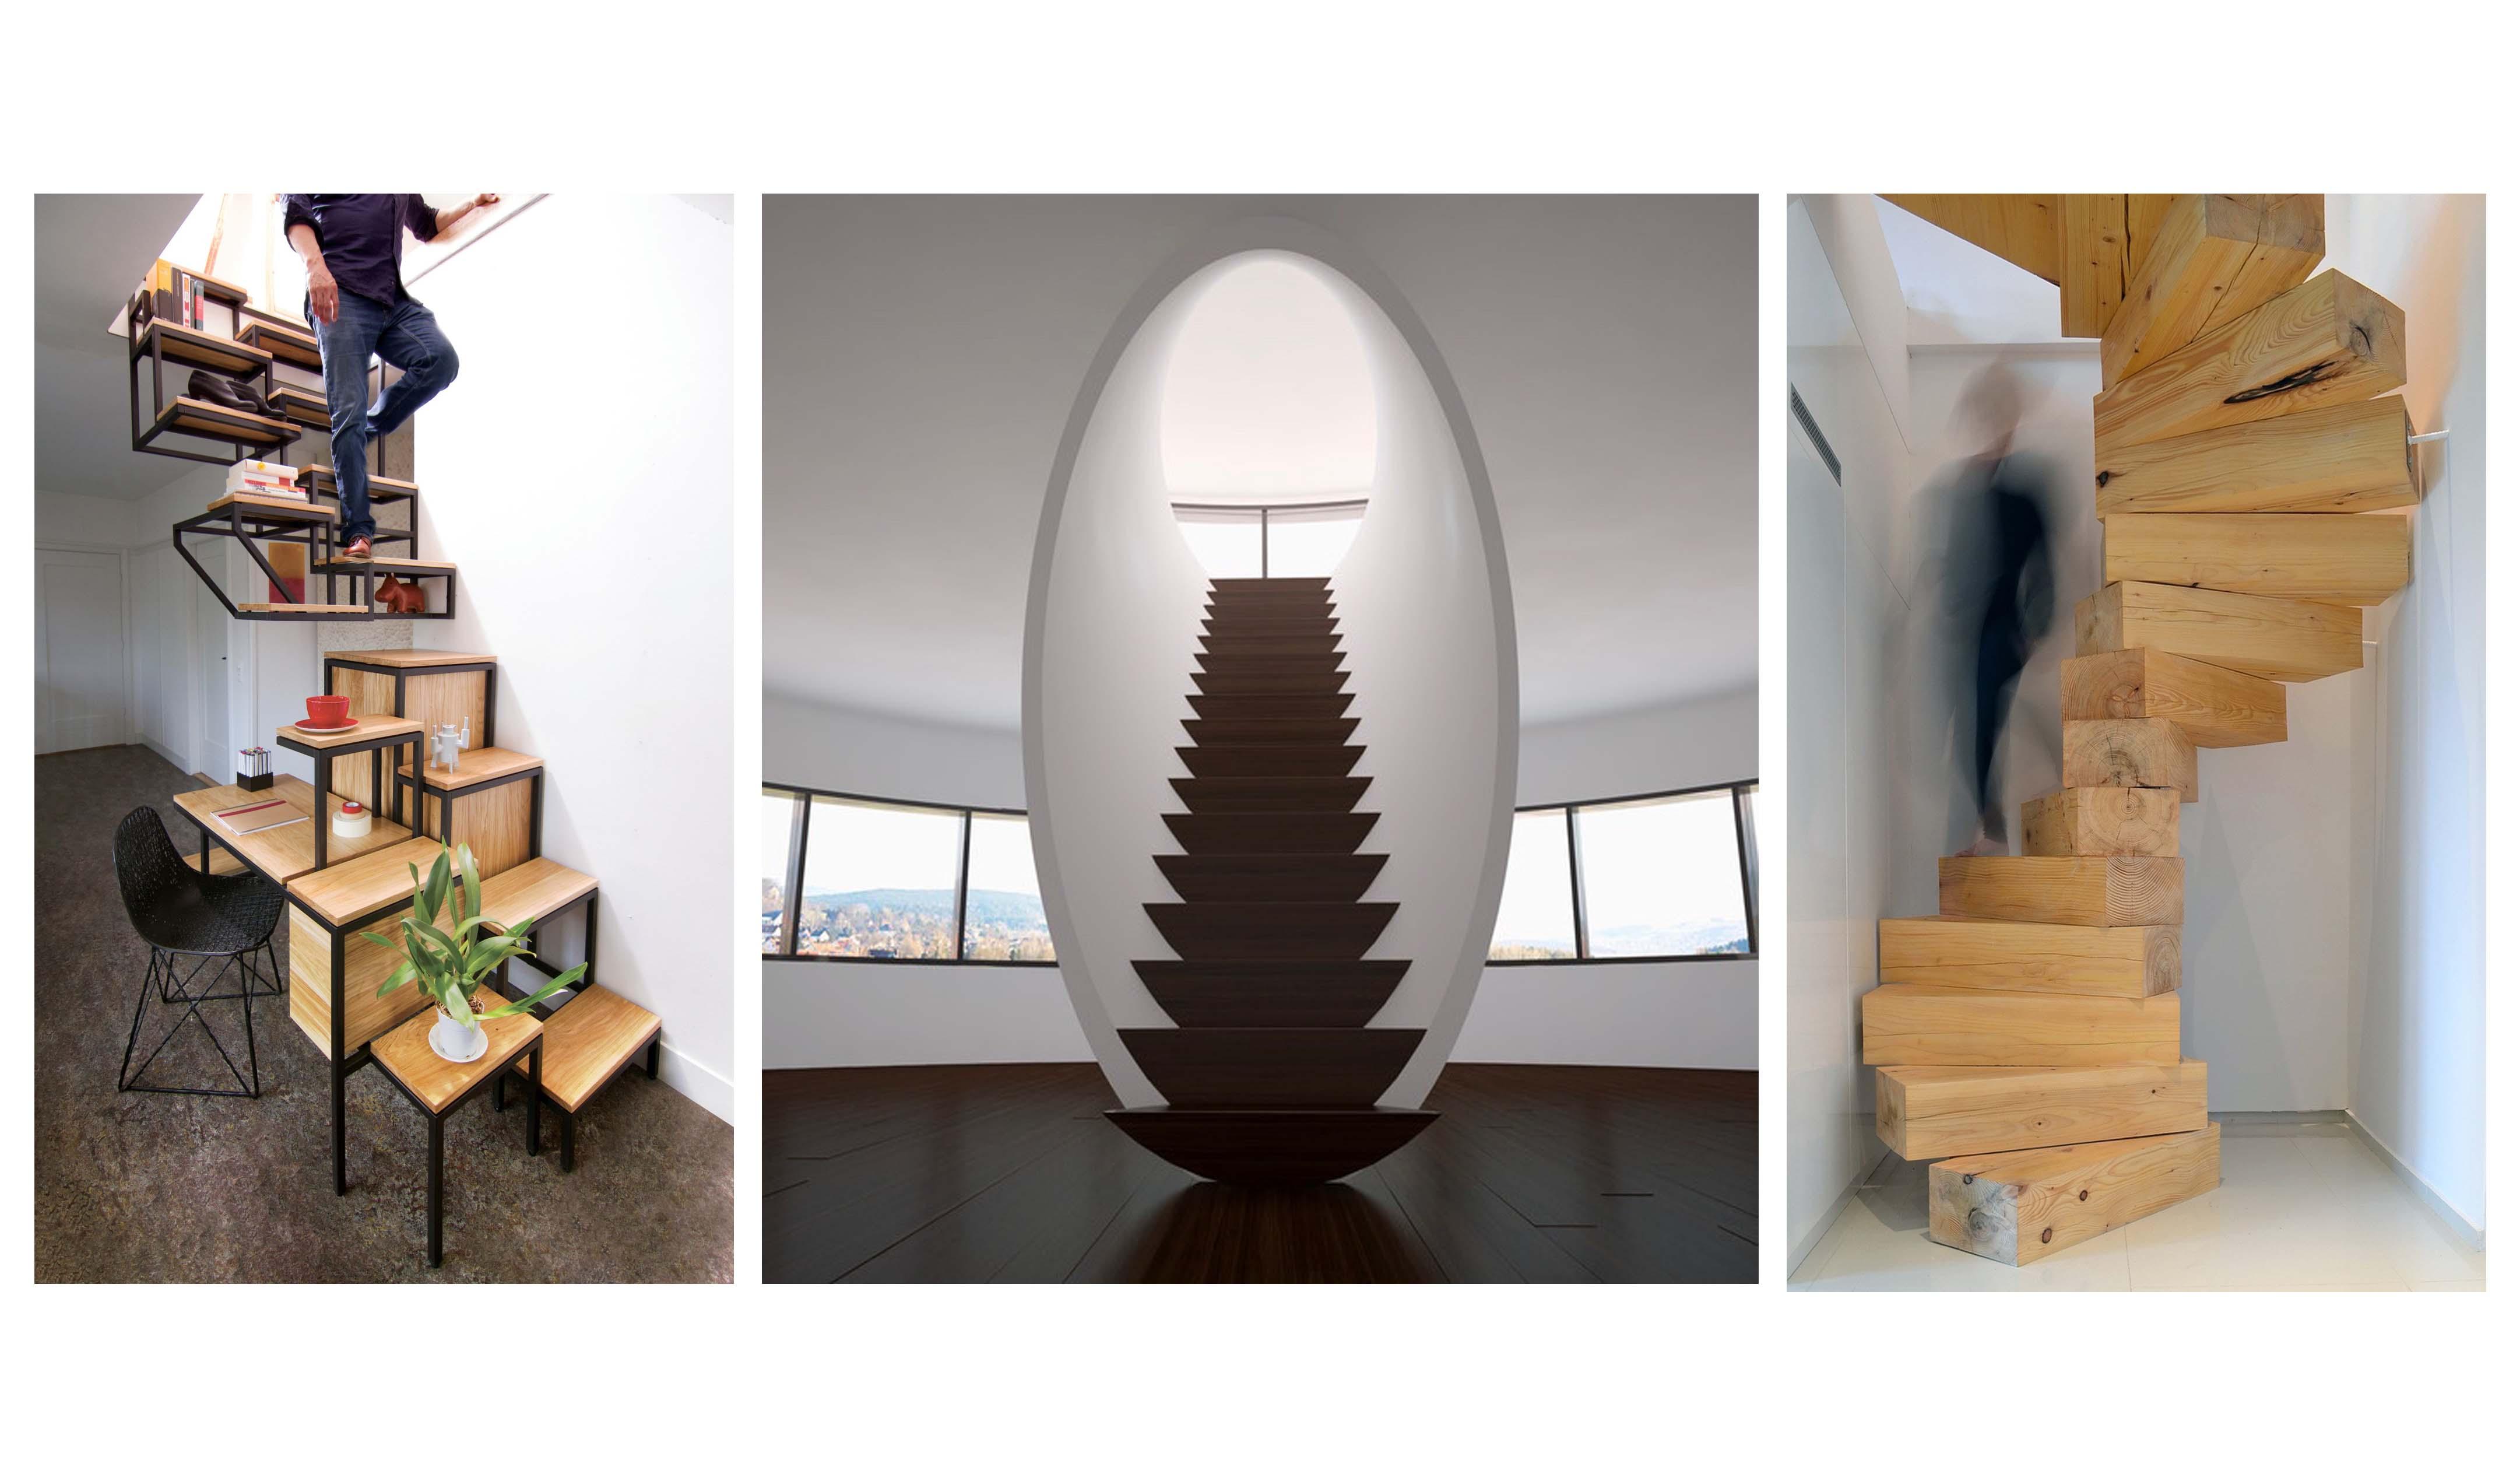 نگاهی به چند طراحی خلاقانه پله در فضای داخلی (بخش دوم)